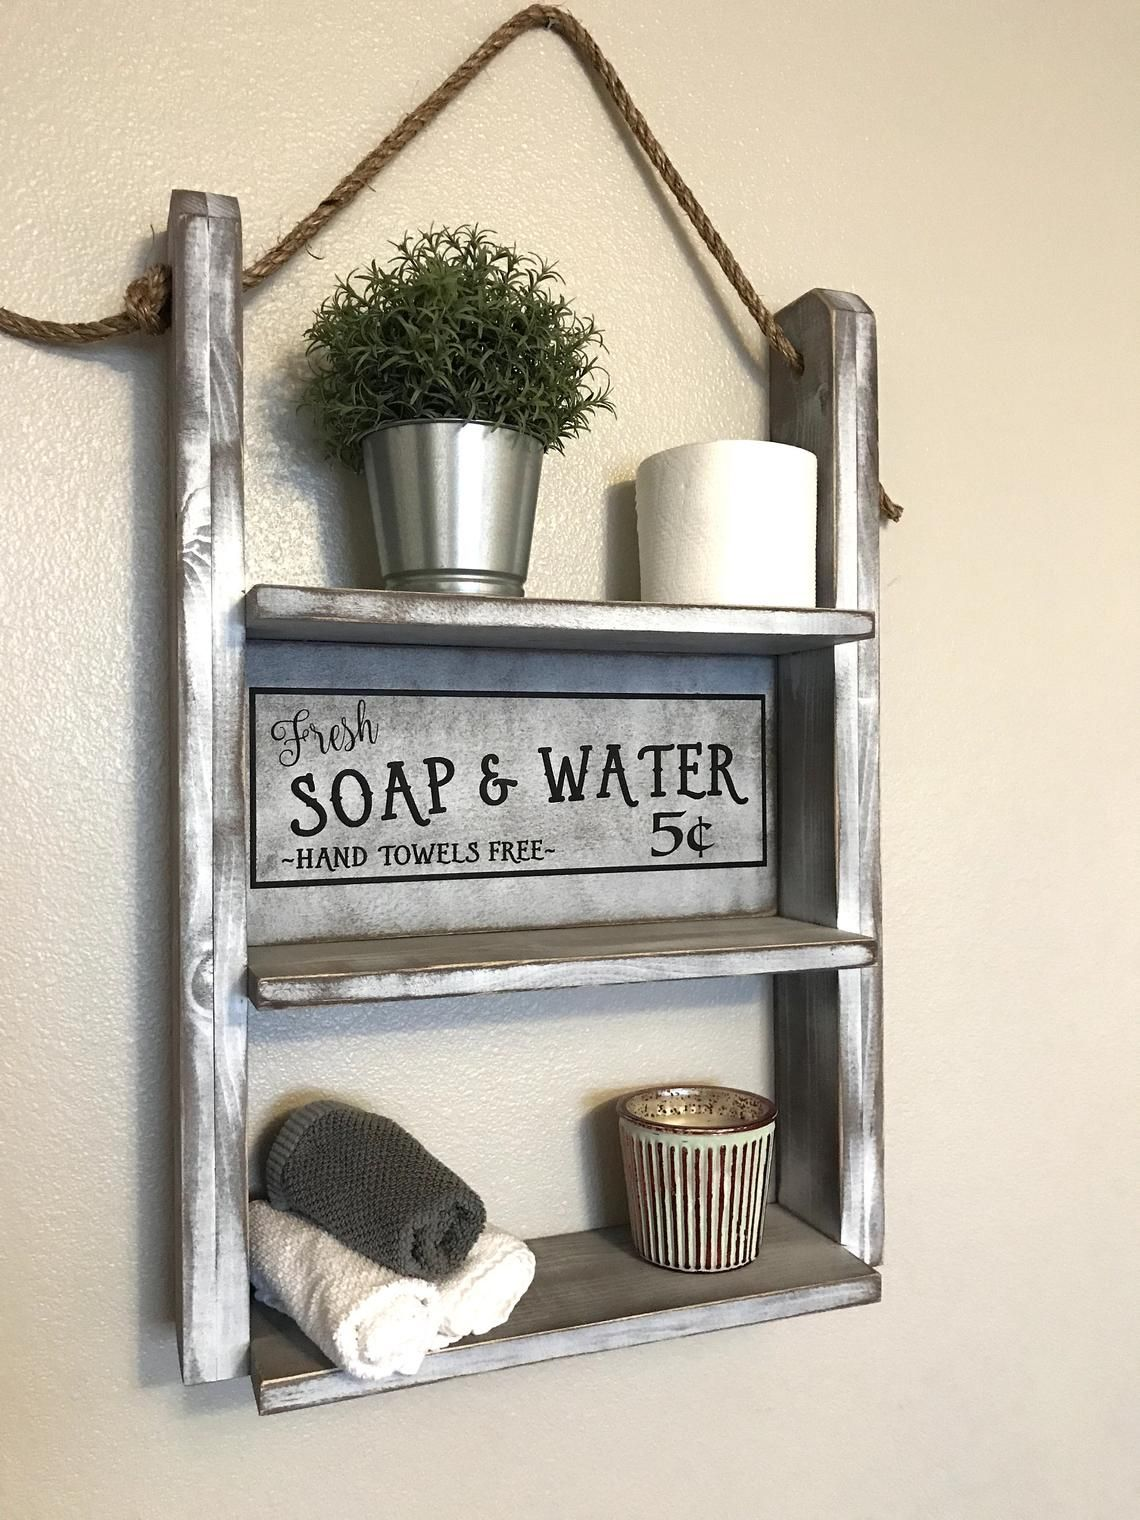 Rustic Wall Shelf Bathroom Storage #farmhousedecor #walldecor